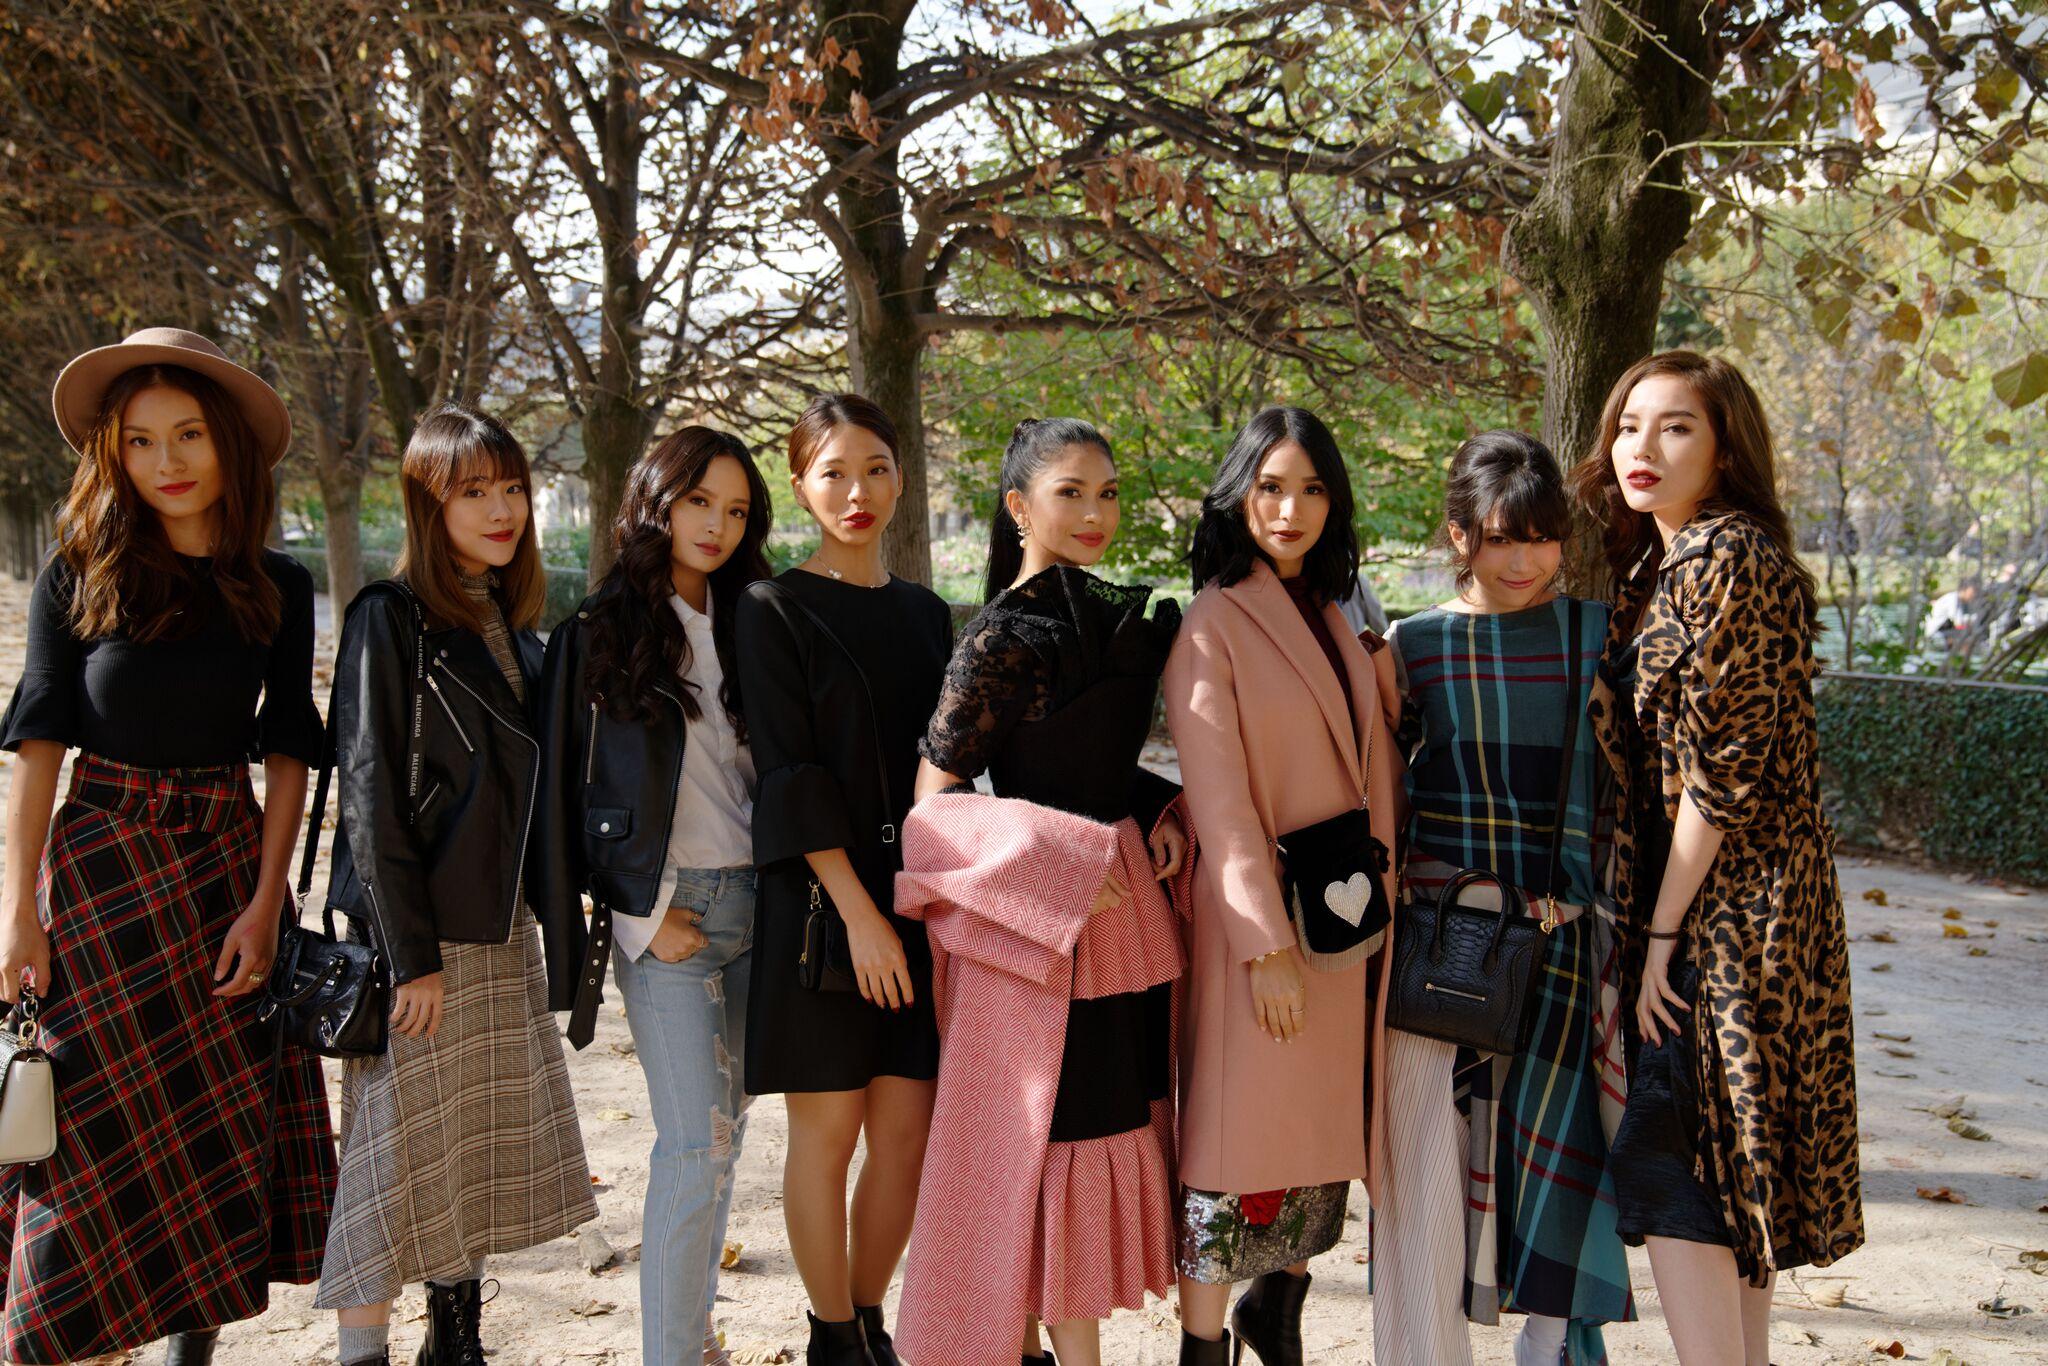 Đệ nhất rich-kid châu Á Evangelista Heart, Mai Davika Hoorne, Kỳ Duyên cùng dàn người đẹp quy tụ tại Paris Fashion Week - Ảnh 16.